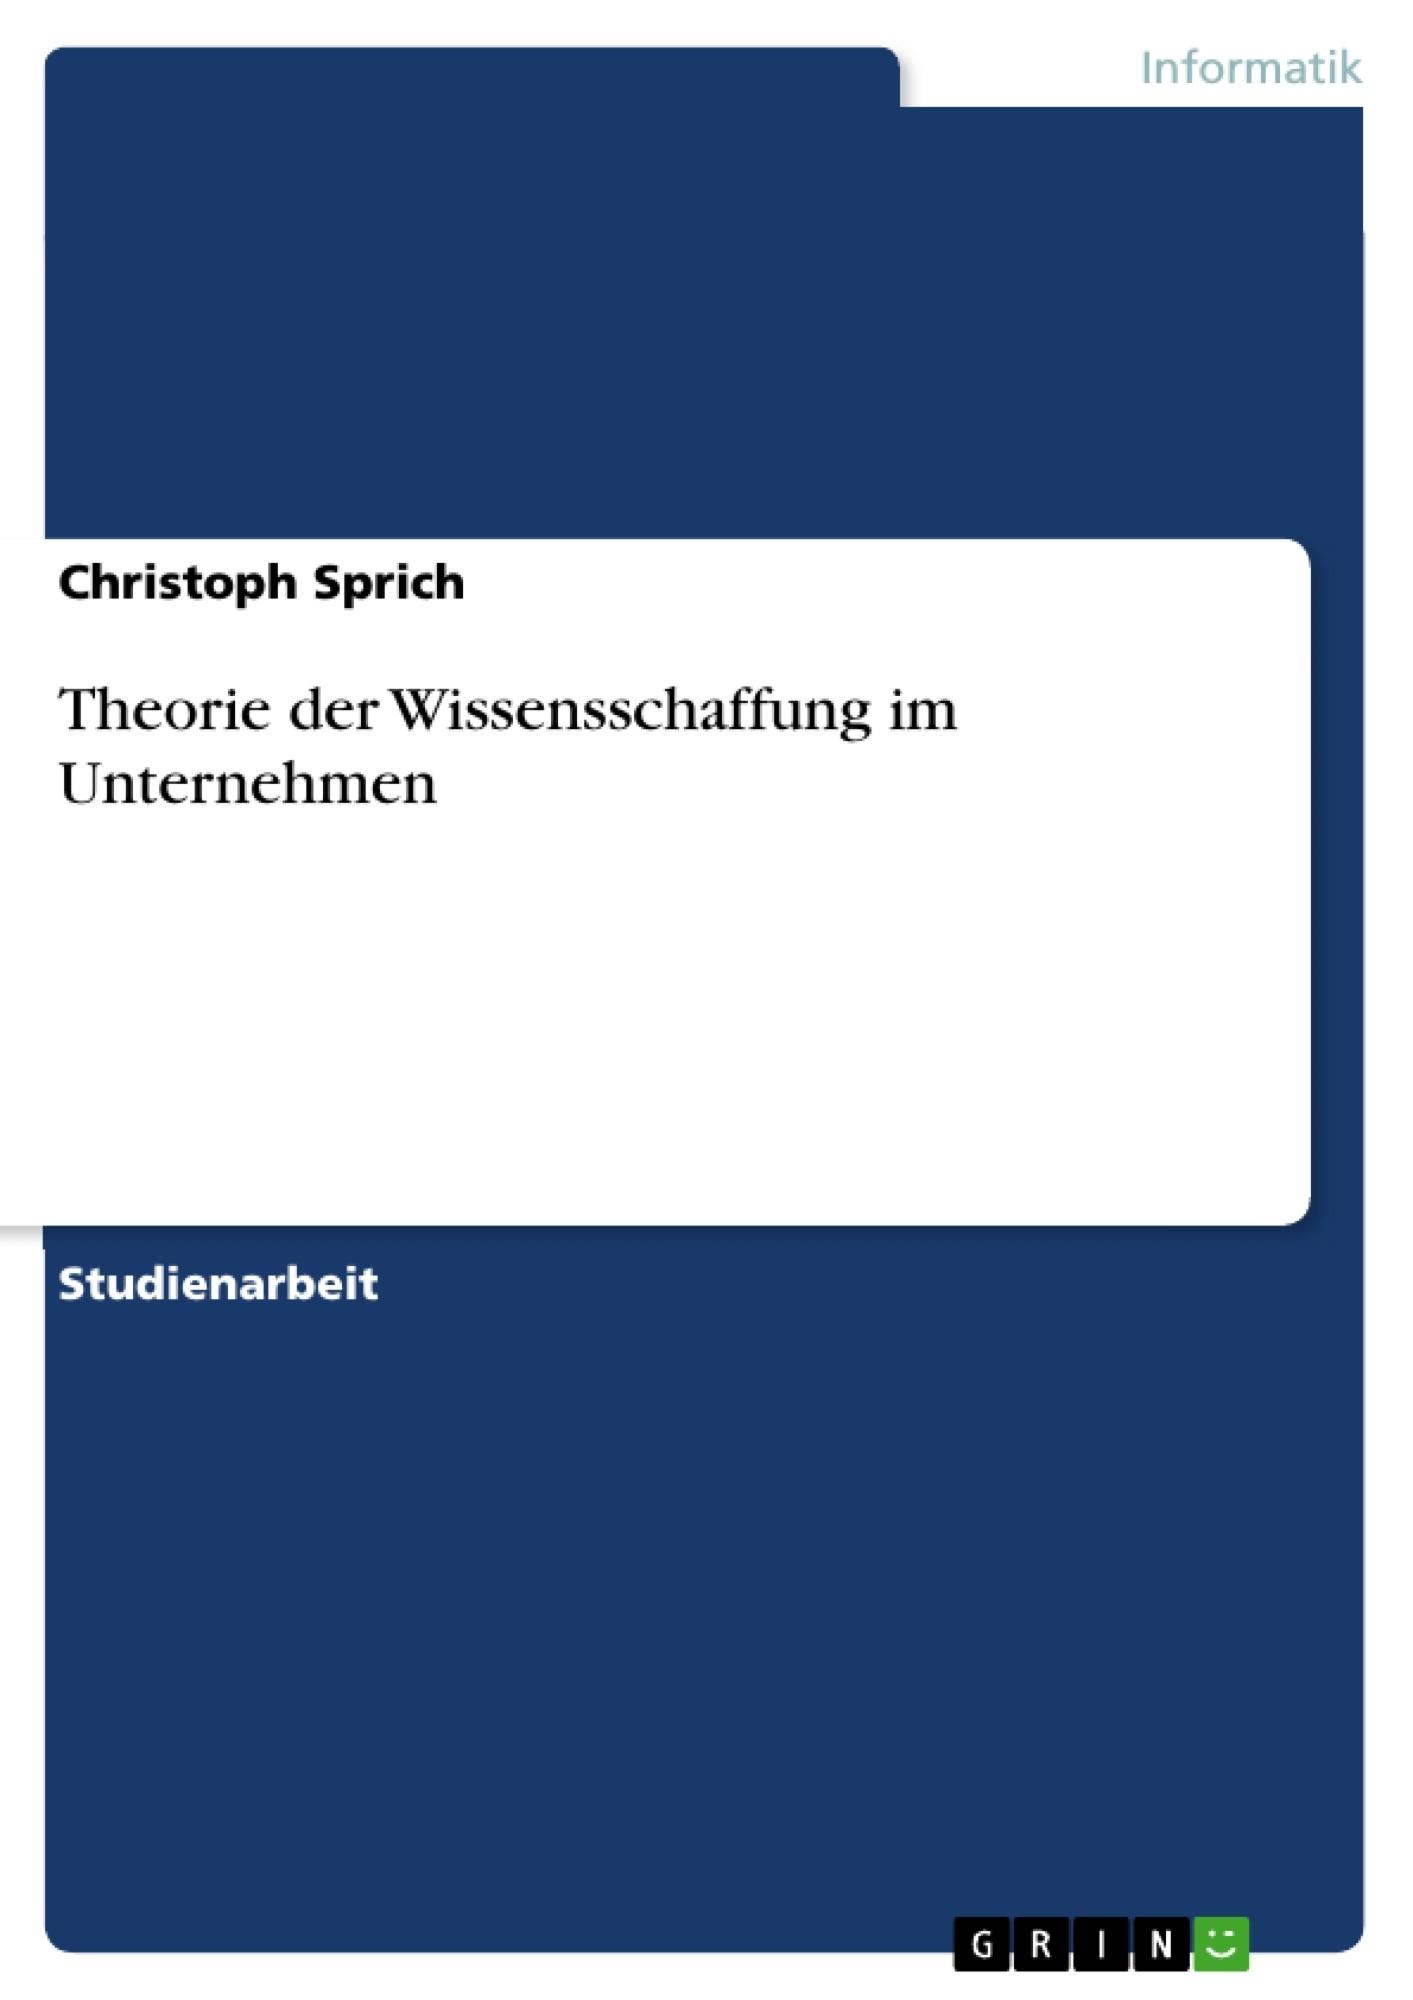 Titel: Theorie der Wissensschaffung im Unternehmen